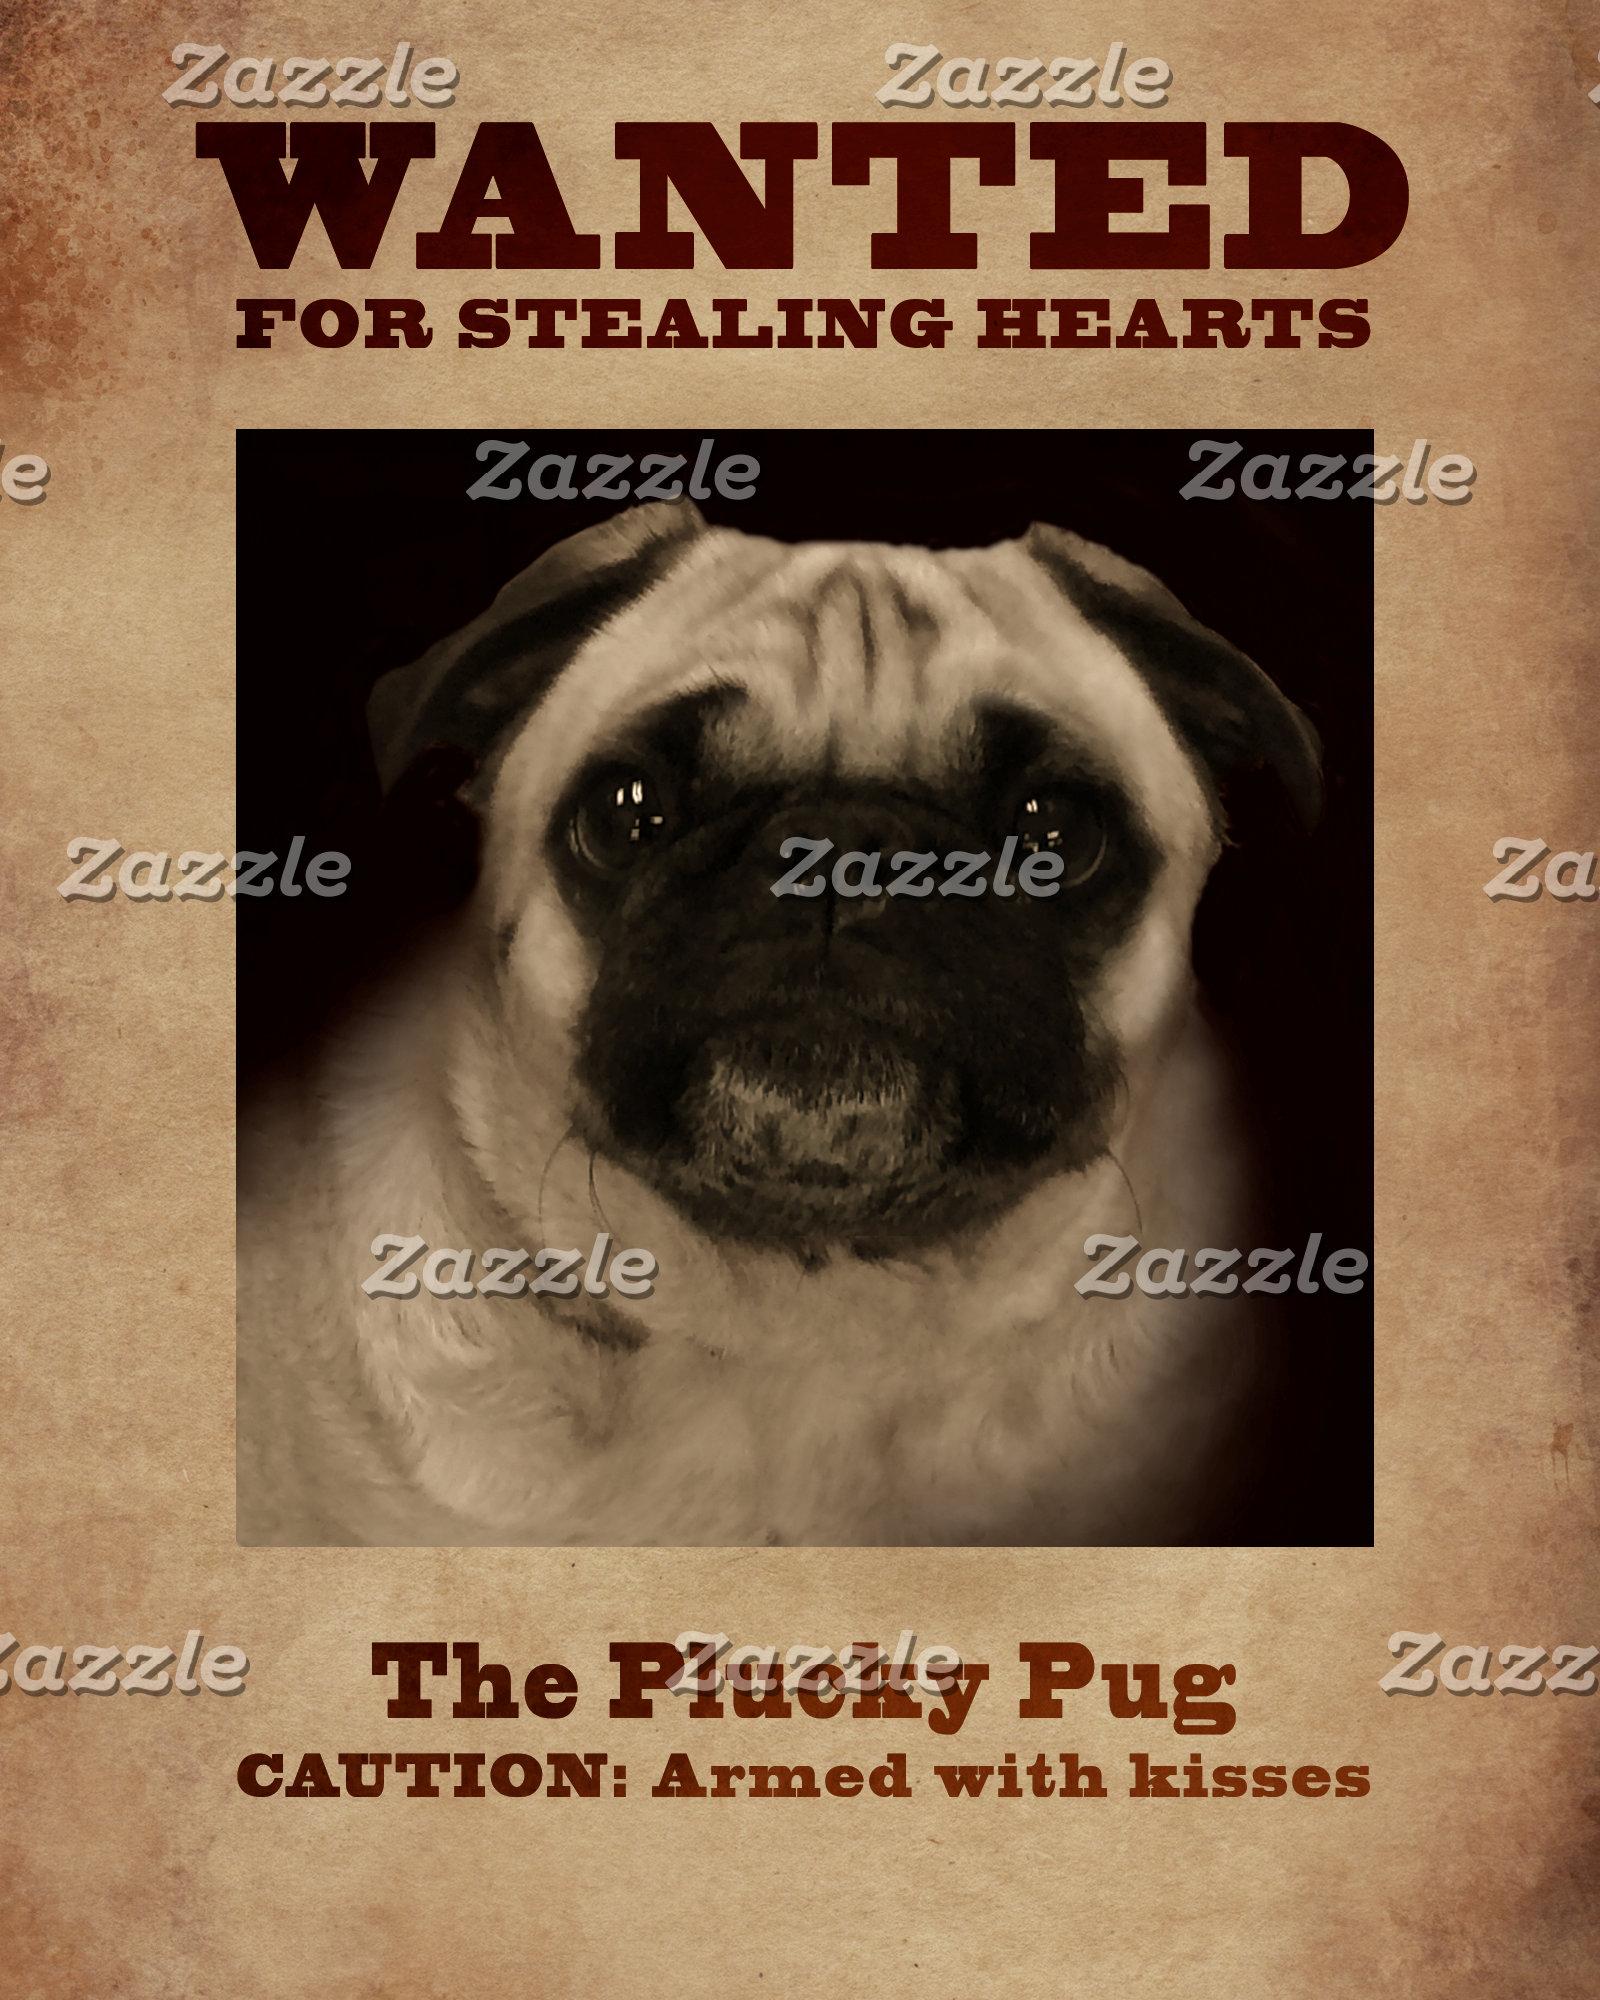 The Plucky Pug